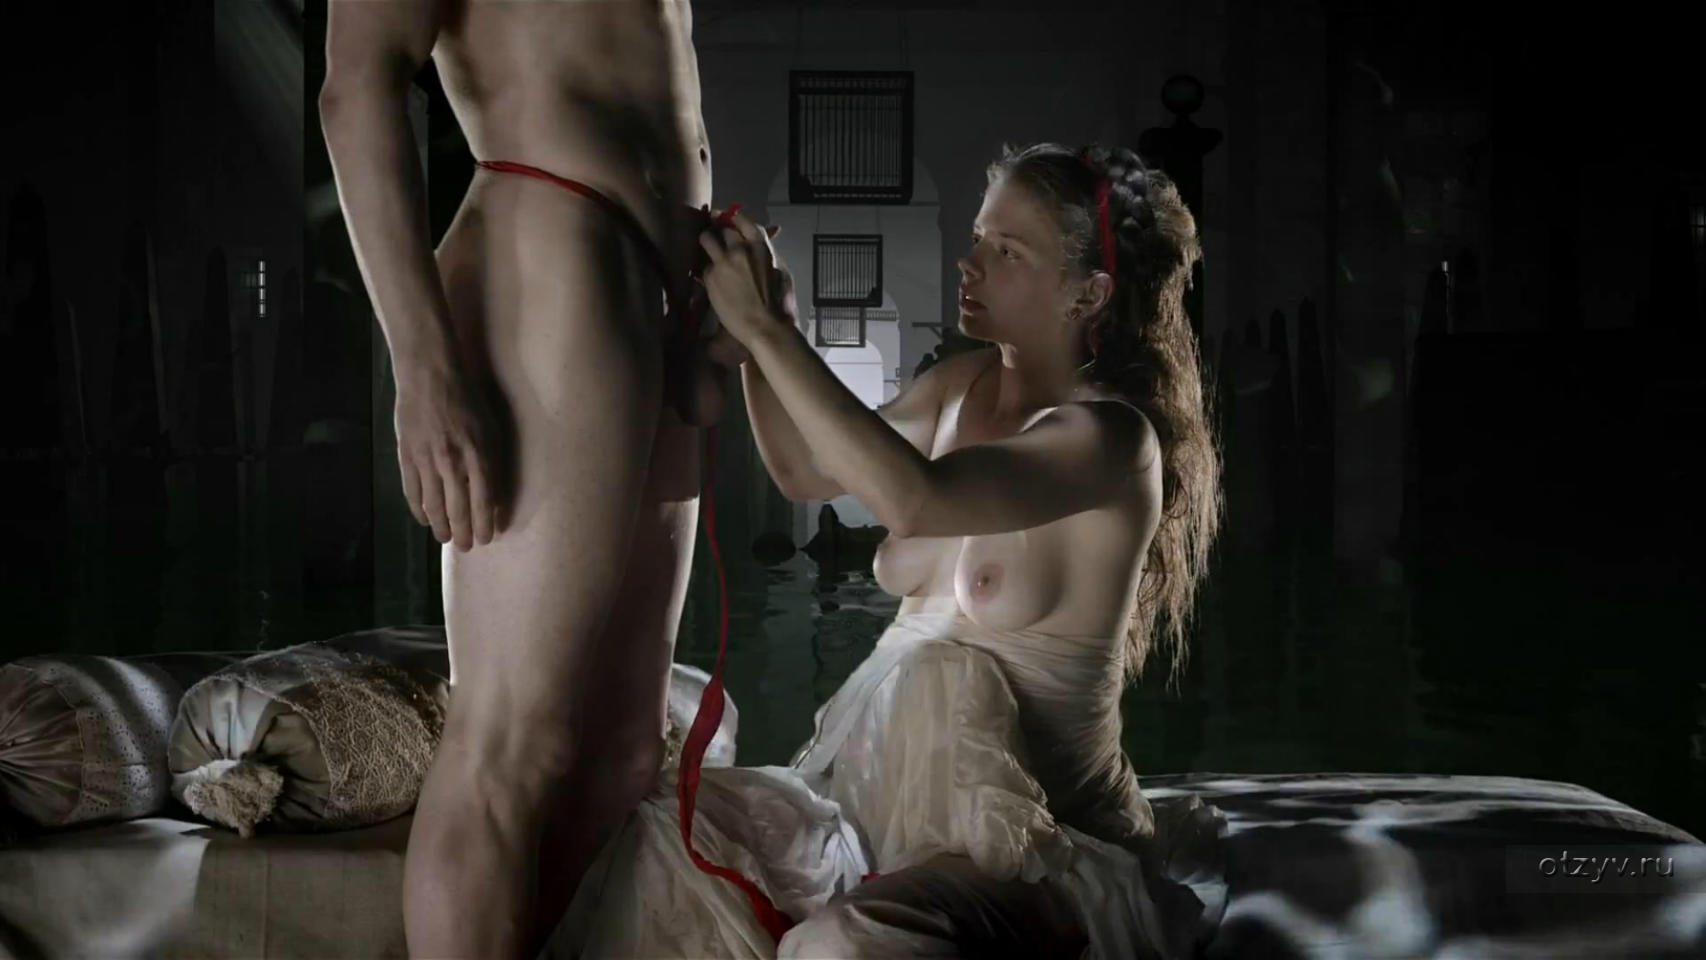 smotret-filmi-luchshie-eroticheskie-porno-onlayn-kachestvennaya